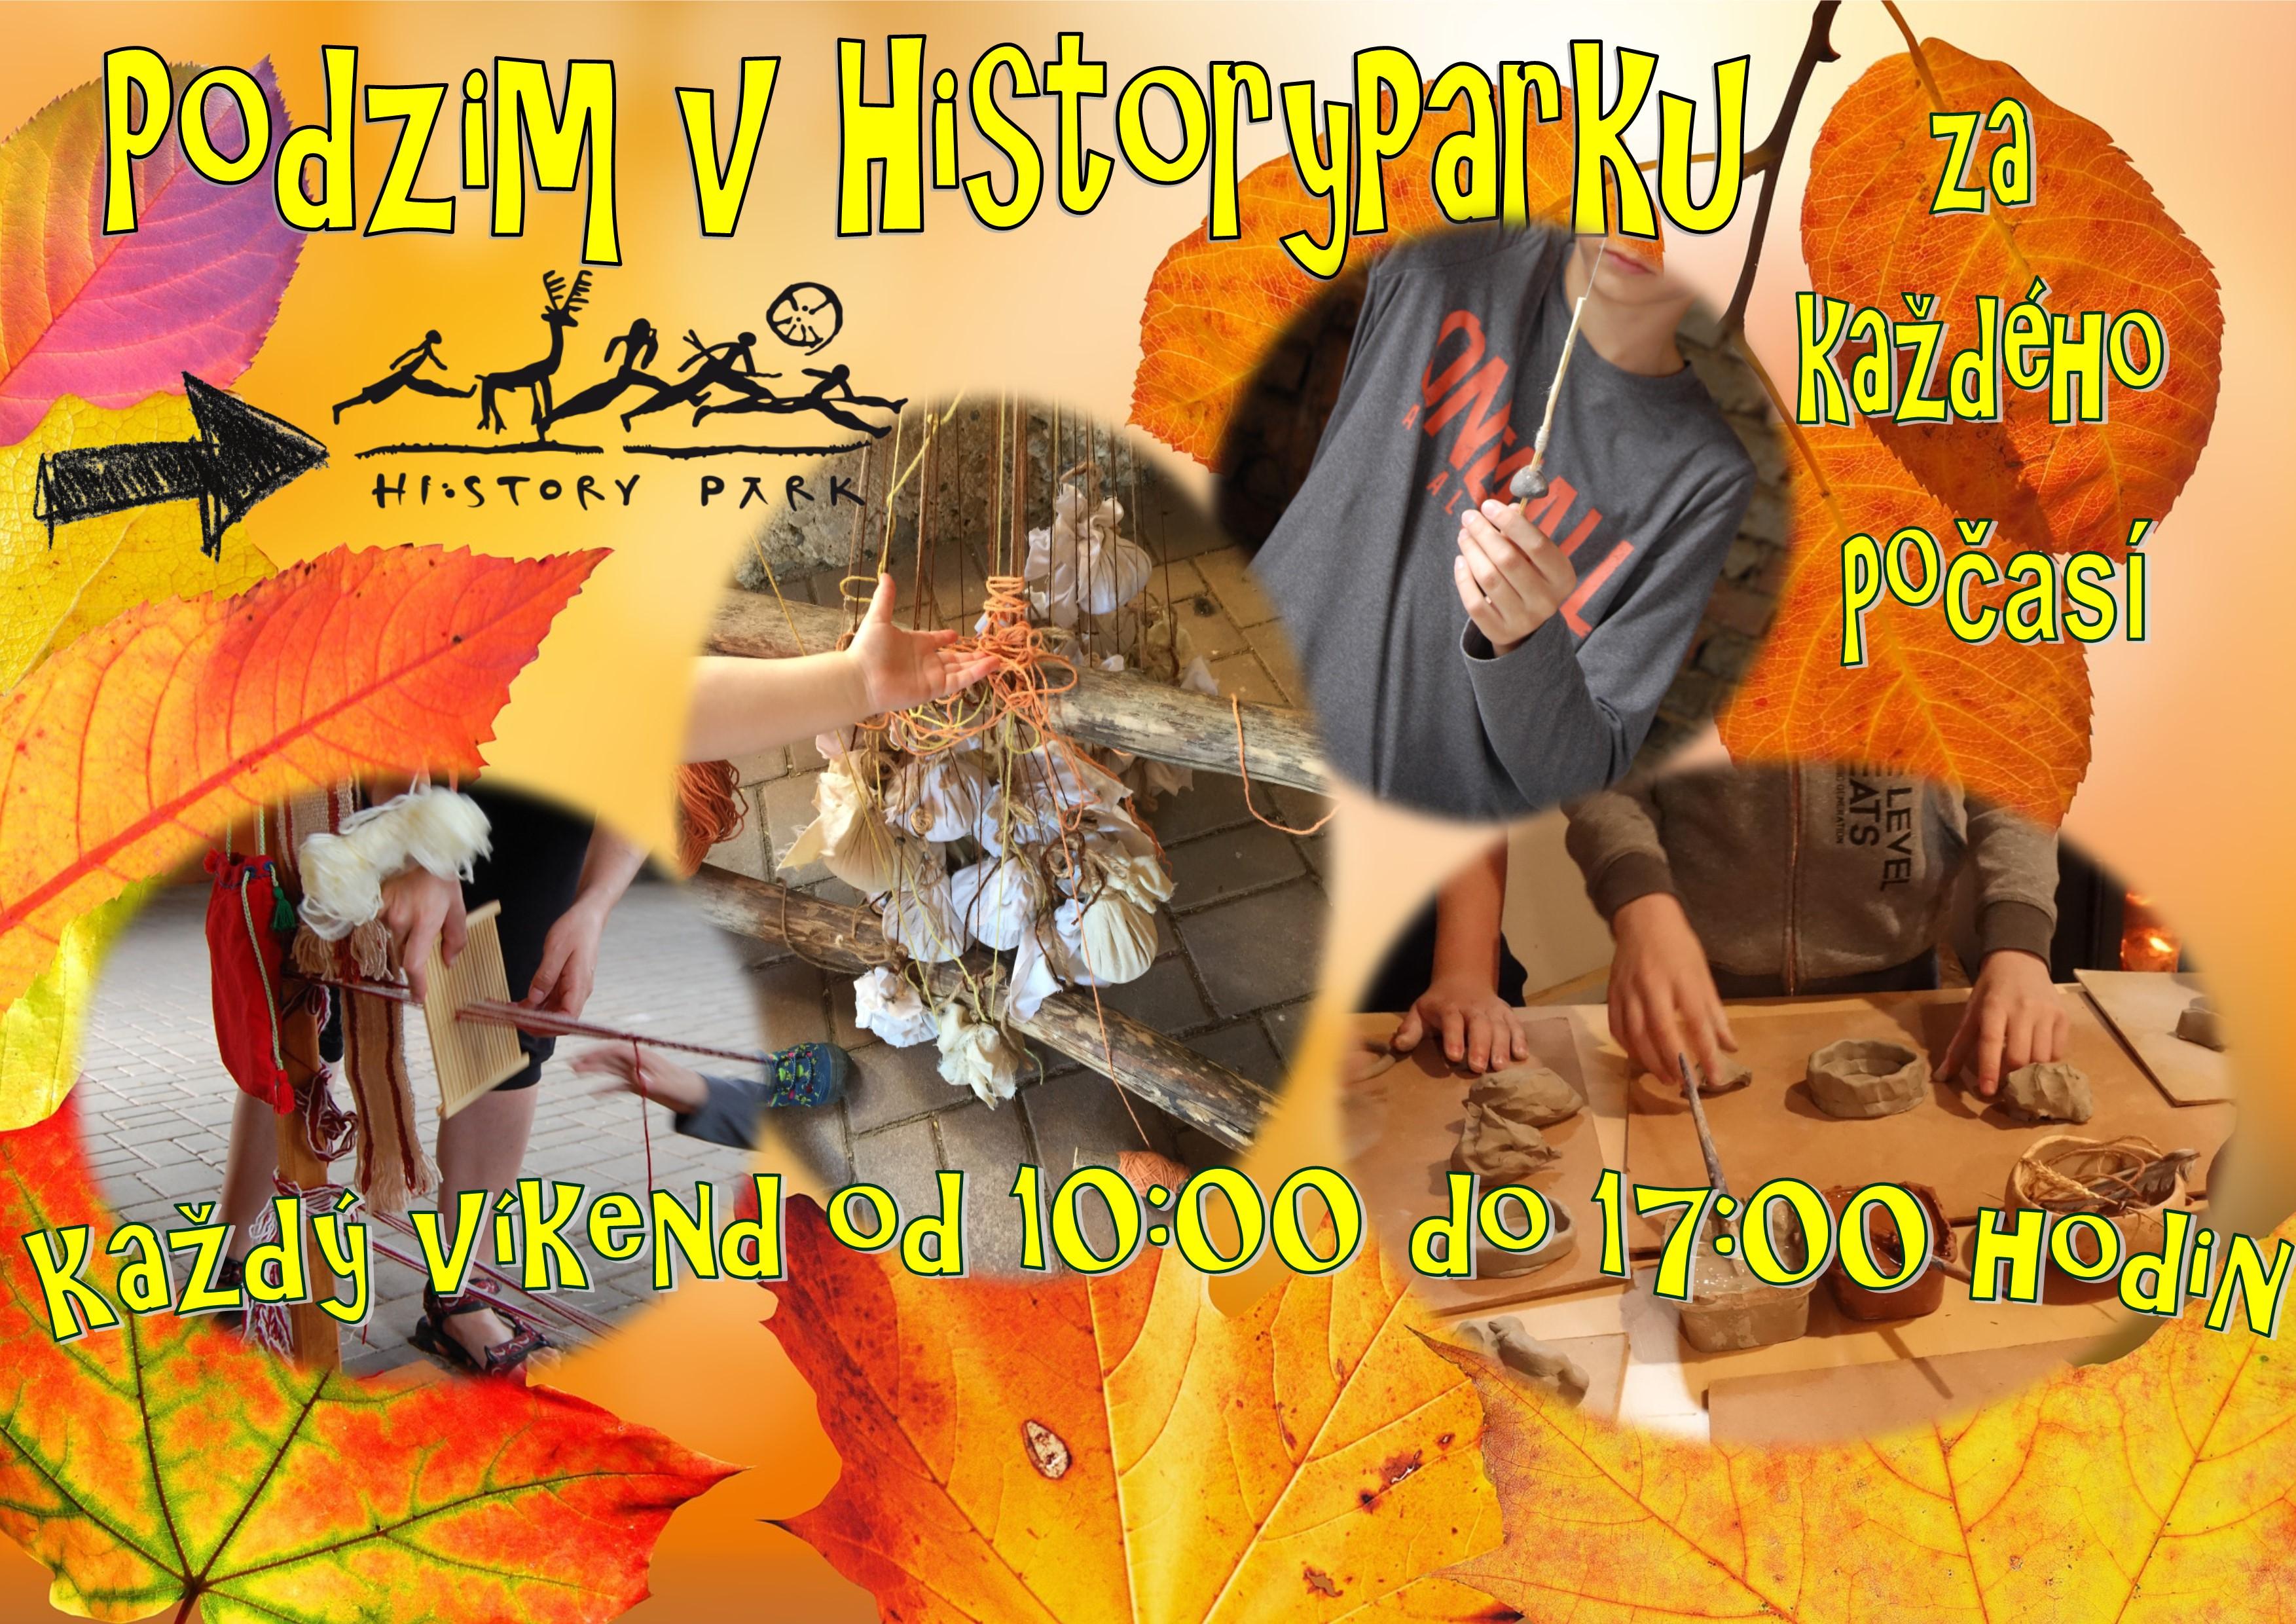 Podzim v Historyparku – každý víkend od 10:00 do 17:00 hodin